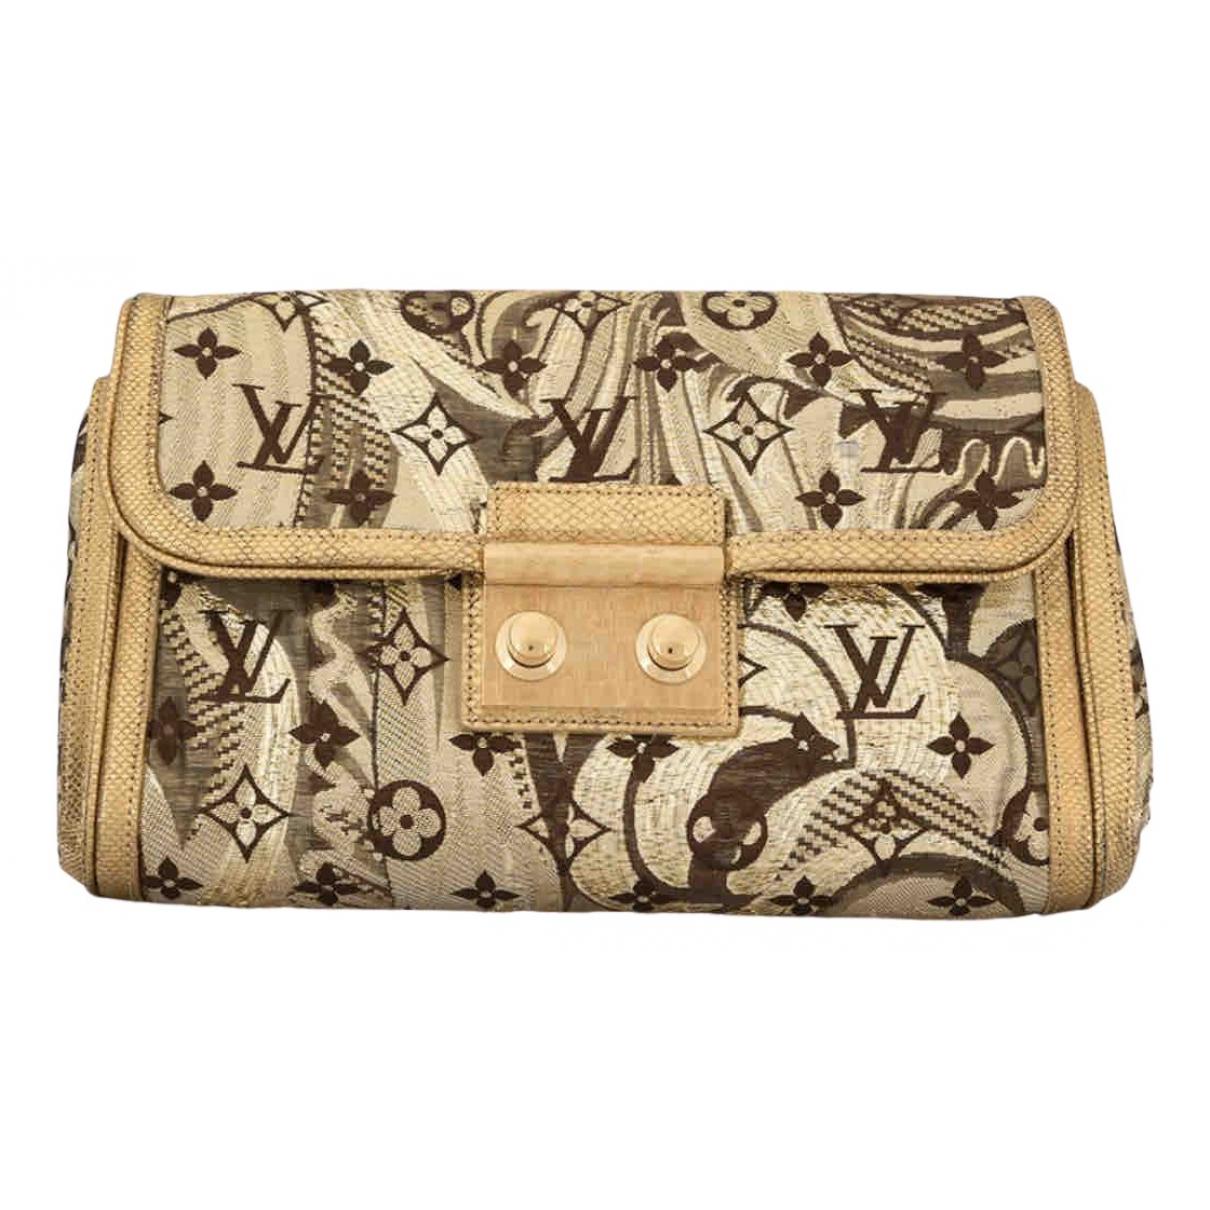 Louis Vuitton \N Gold Silk Clutch bag for Women \N